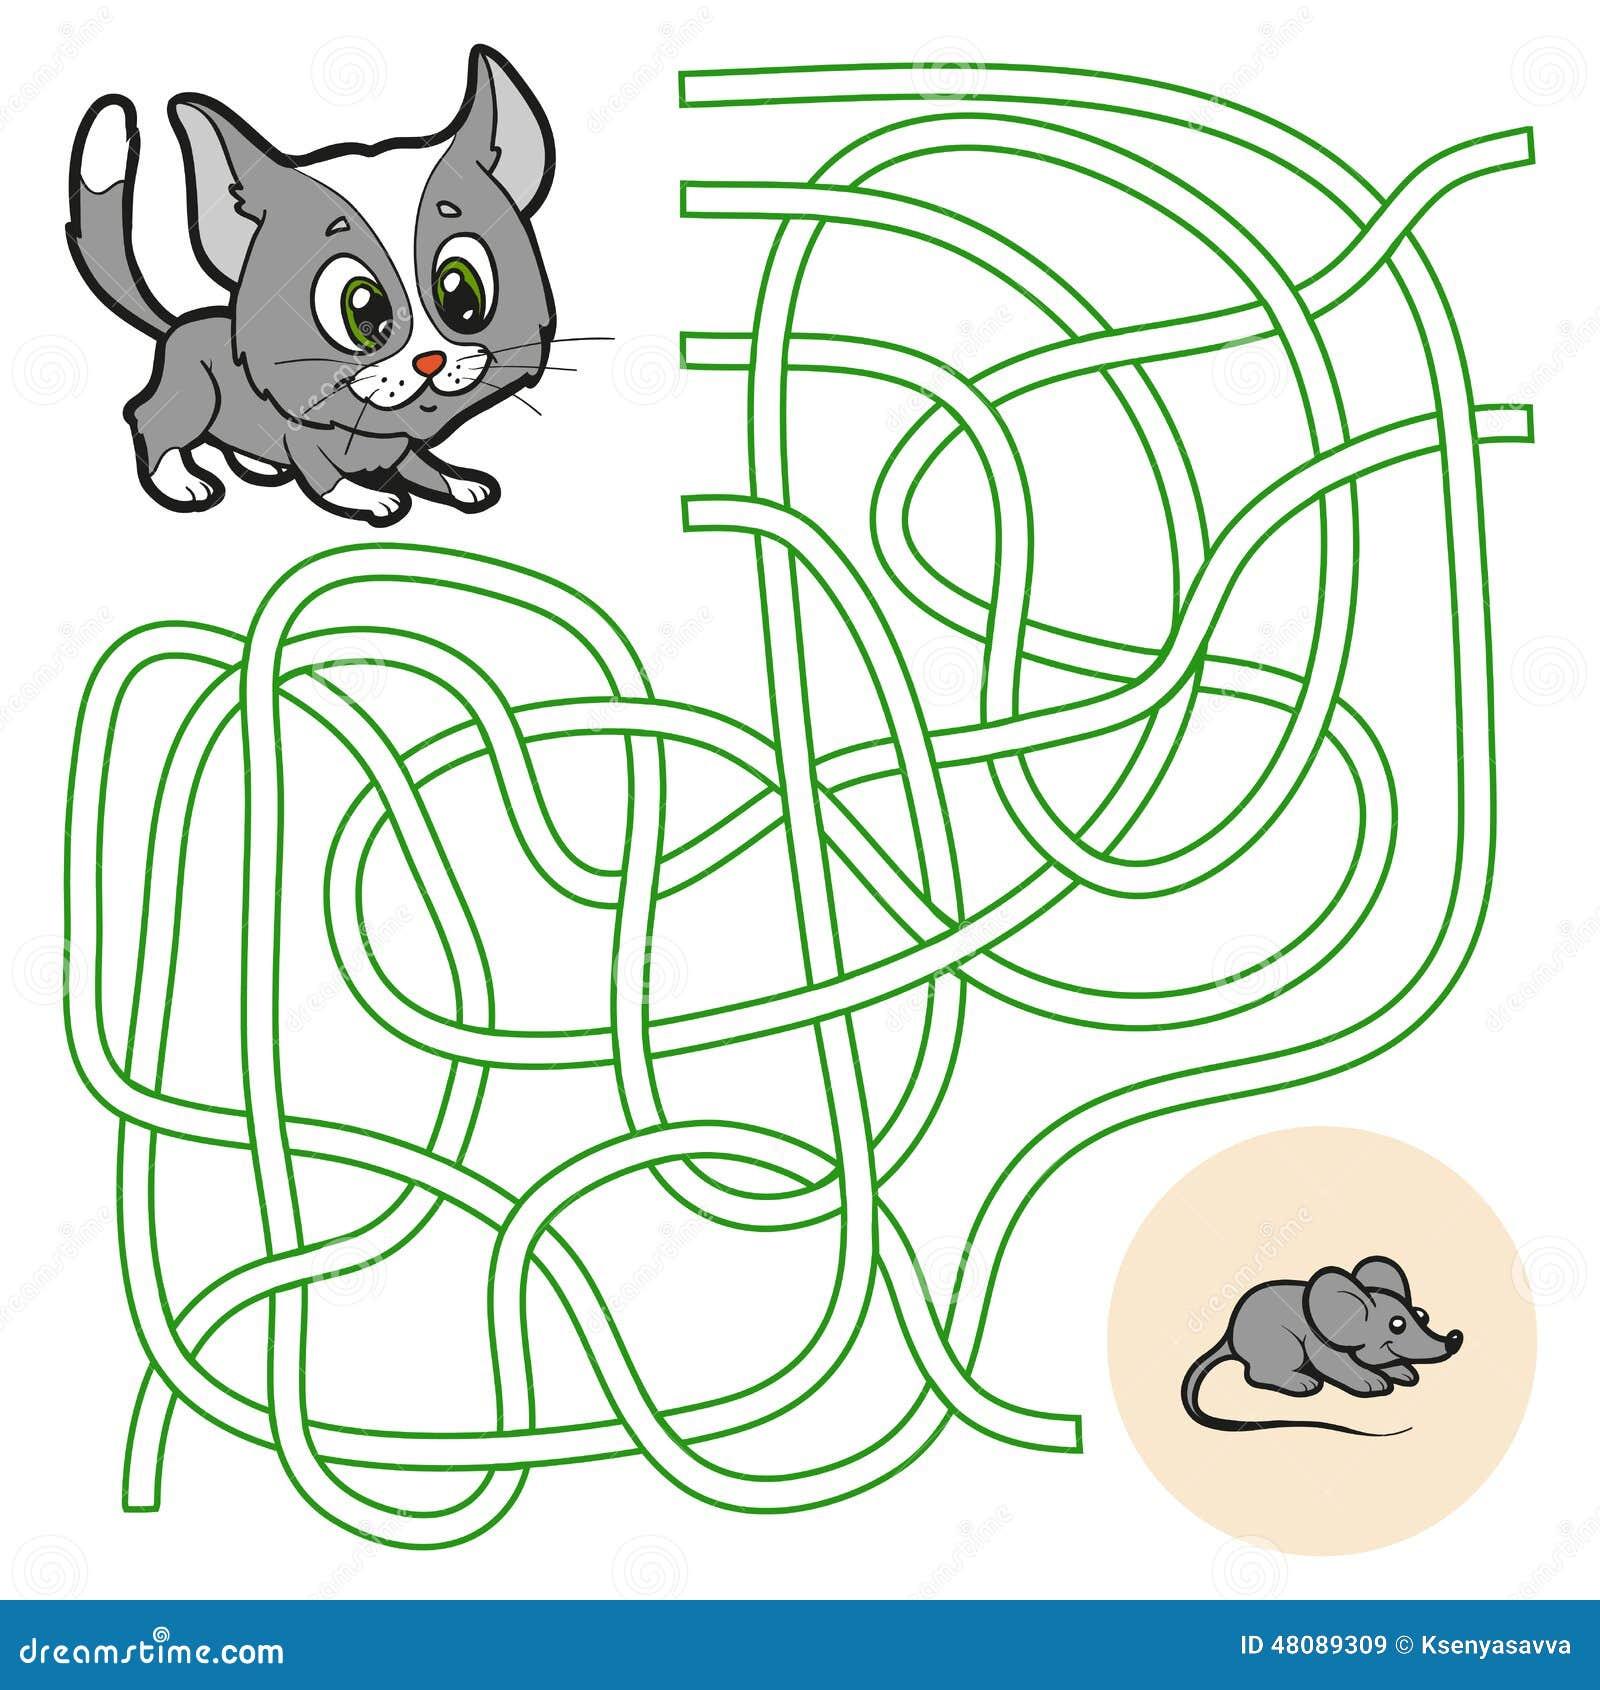 Maze Game For Children...